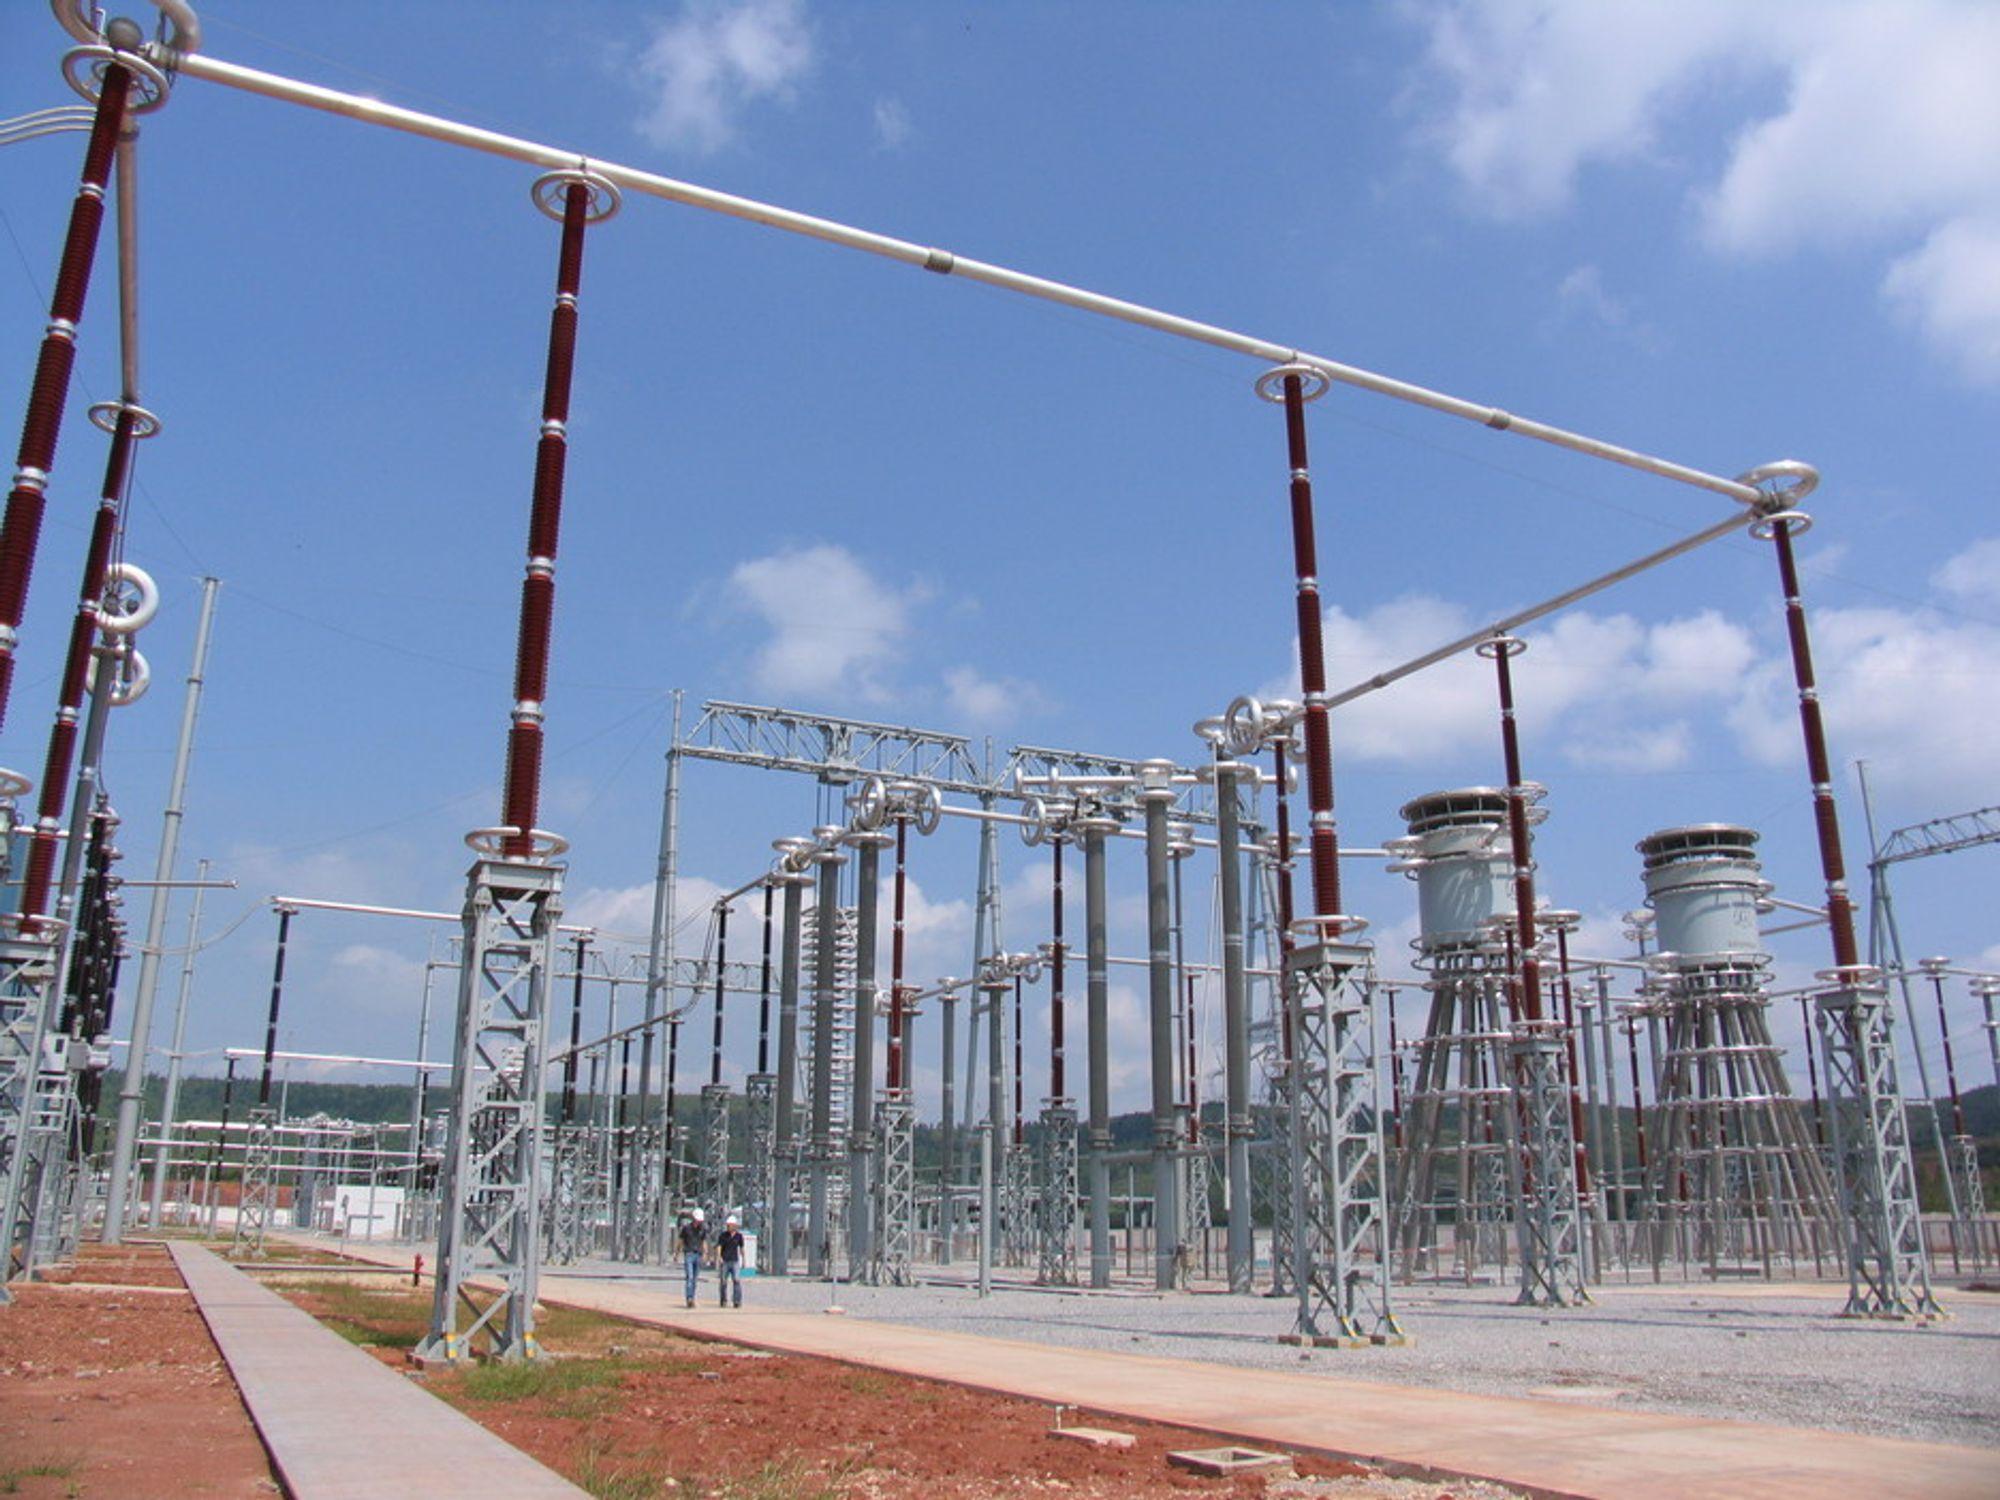 Siemens' nye HVDC-linje i Kina har en overføringsspenning på hele 800 kV.